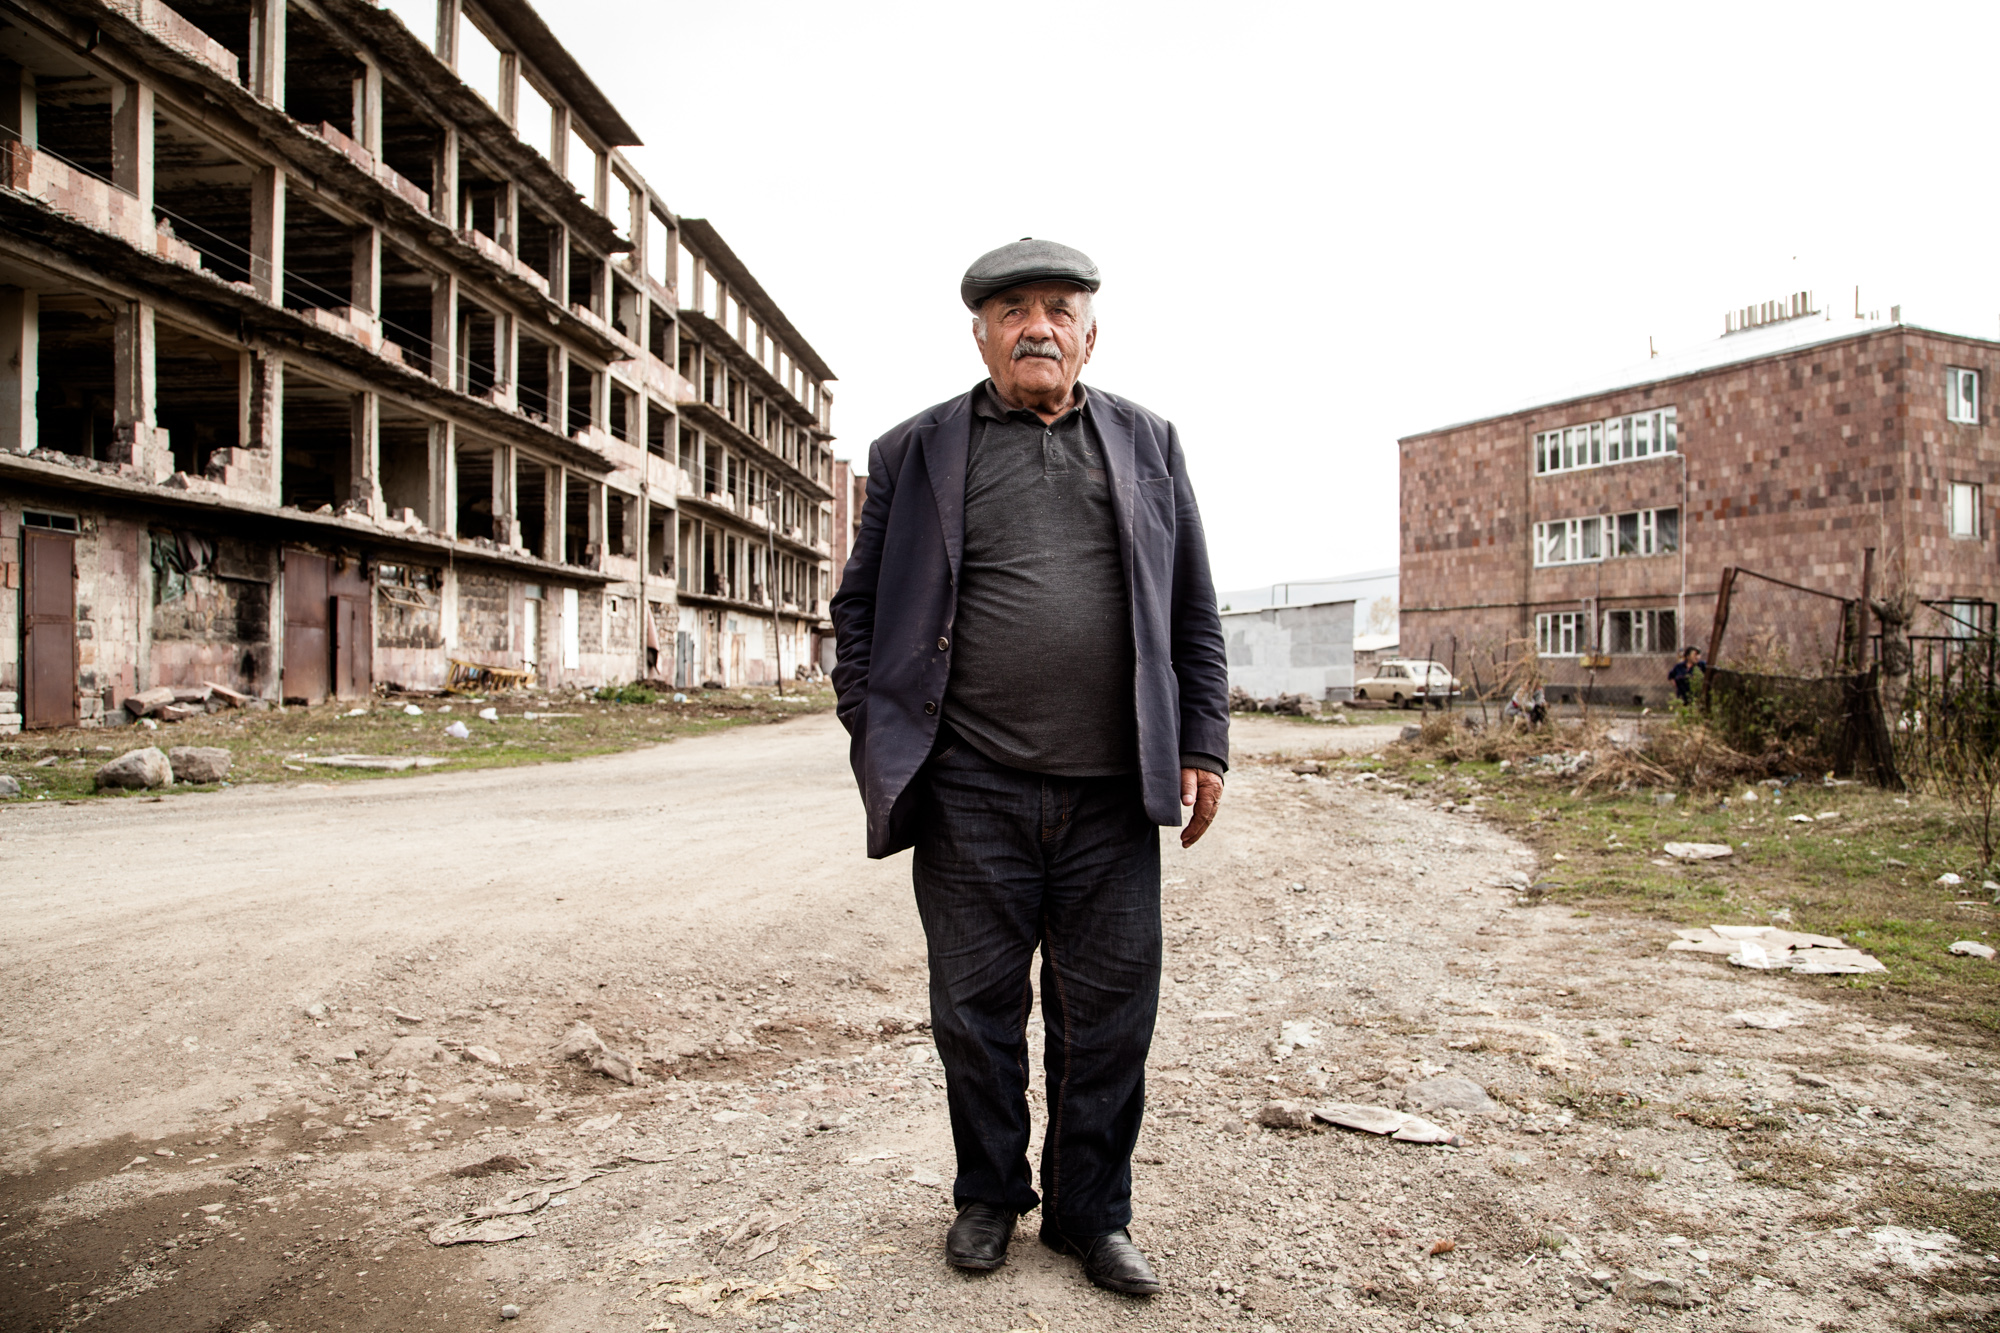 6 Décembre 1988. La terre tremble à 50 km d'Ashotsk, au nord-ouest de l'Arménie. Il est 11H40. Monsieur Stéfésov était chauffeur. Derrière lui, les ruines toujours debouts d'un des nombreux immeubles évacués.  Extraits du webdocumentaire   Ashotsk, aux confins de l'Arménie  .